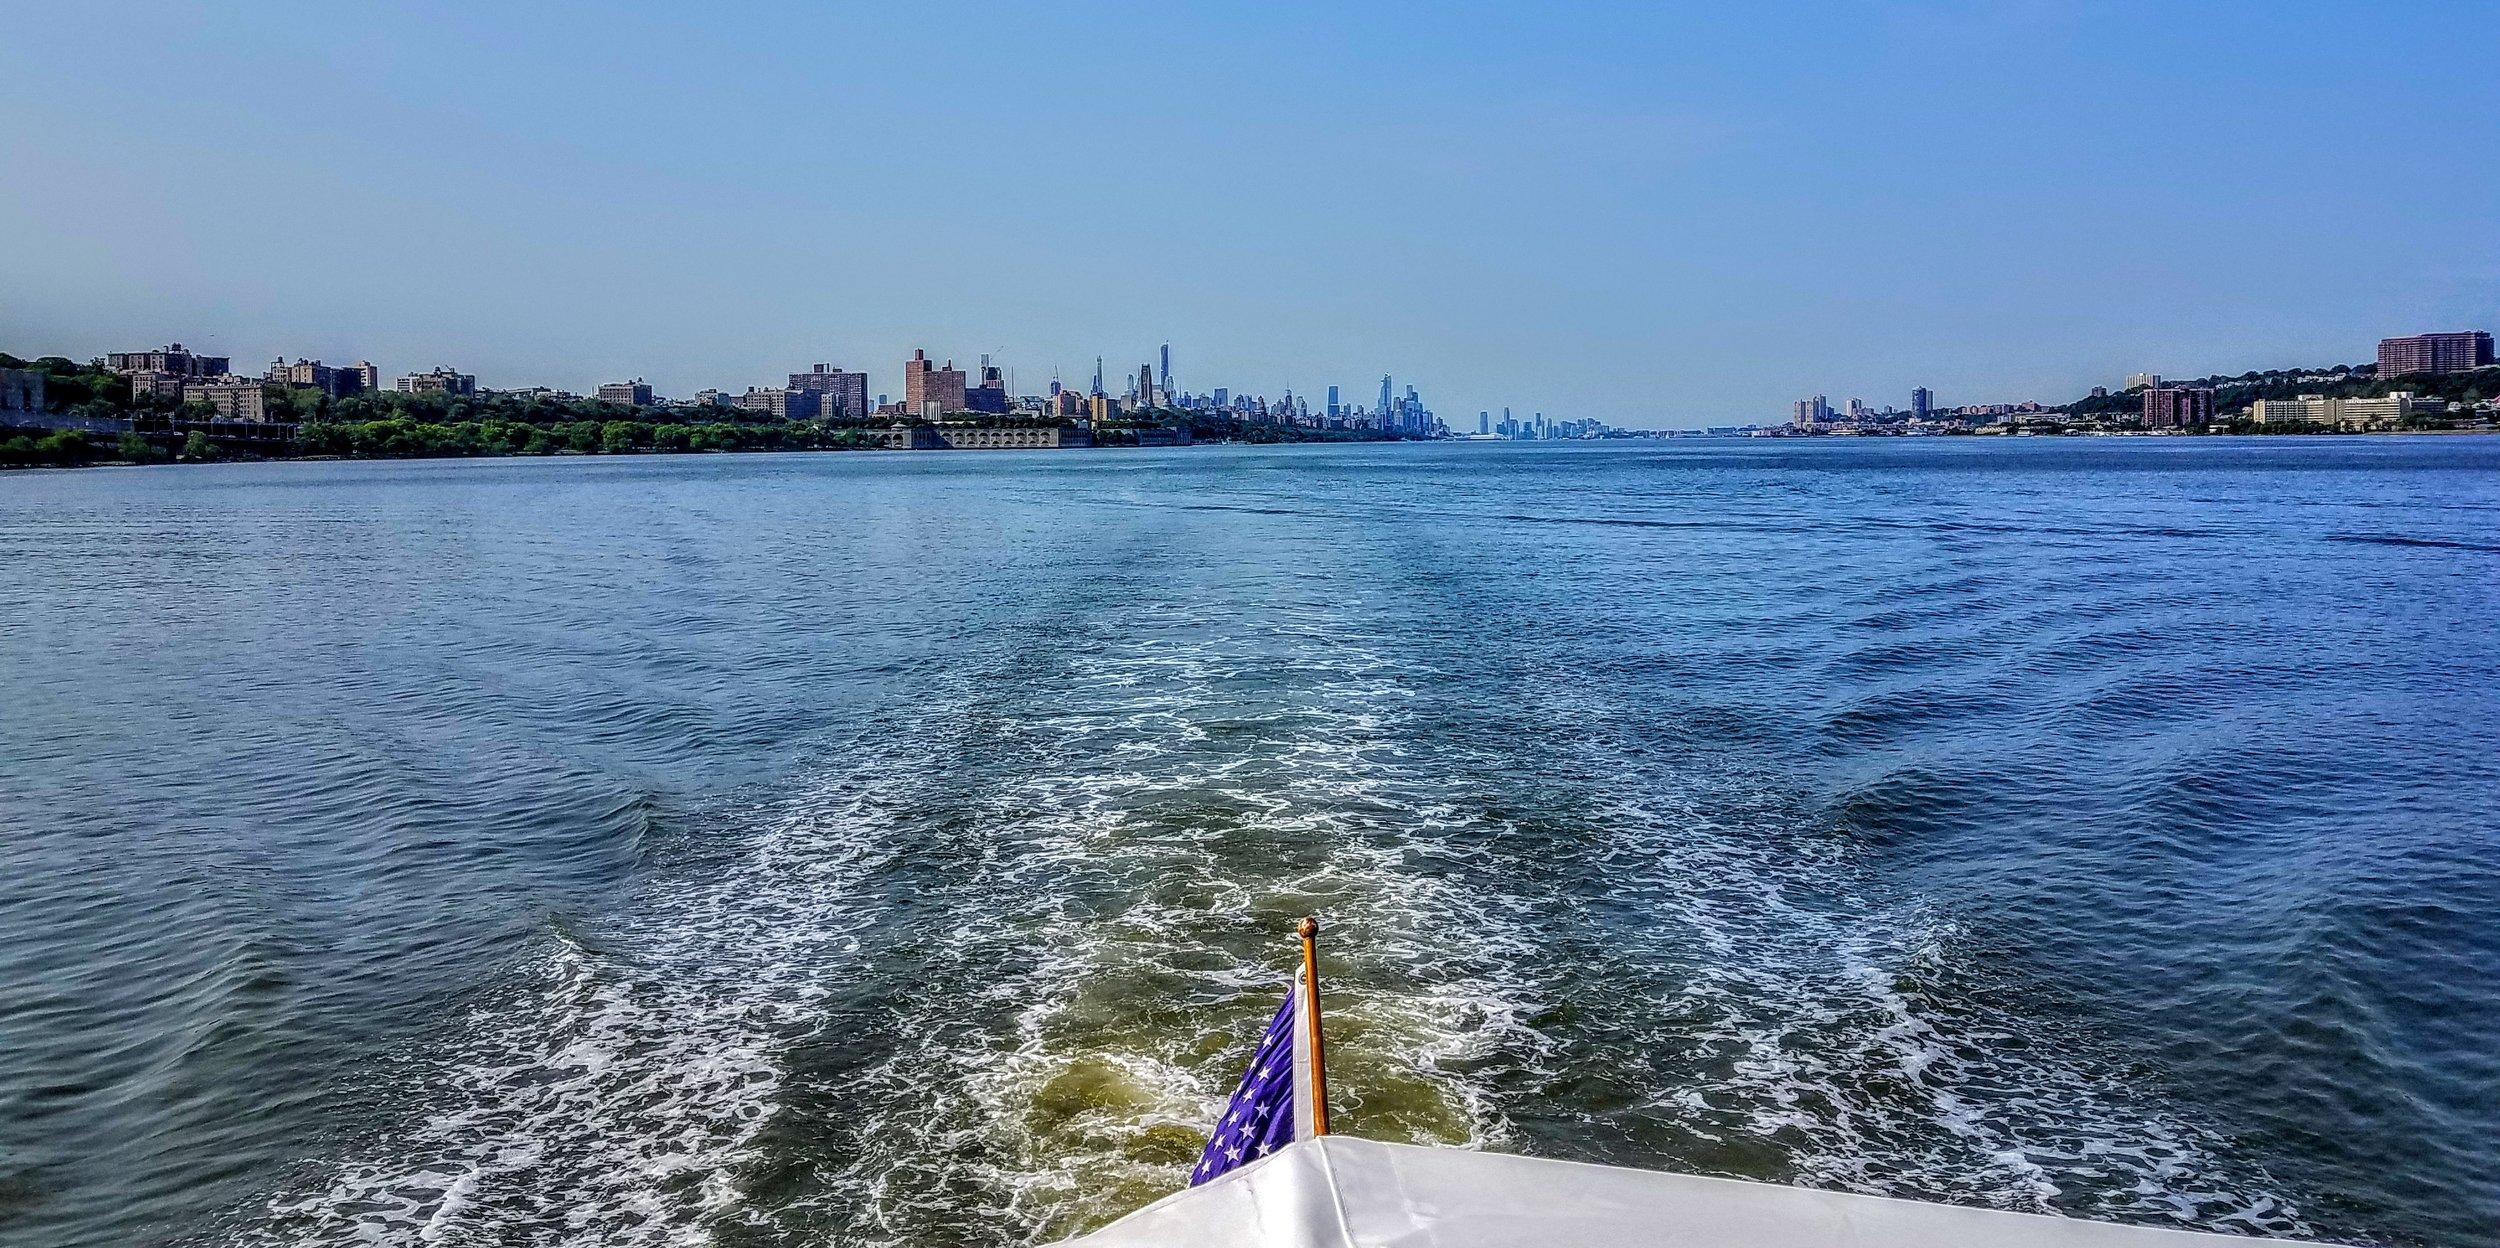 Goodbye NYC